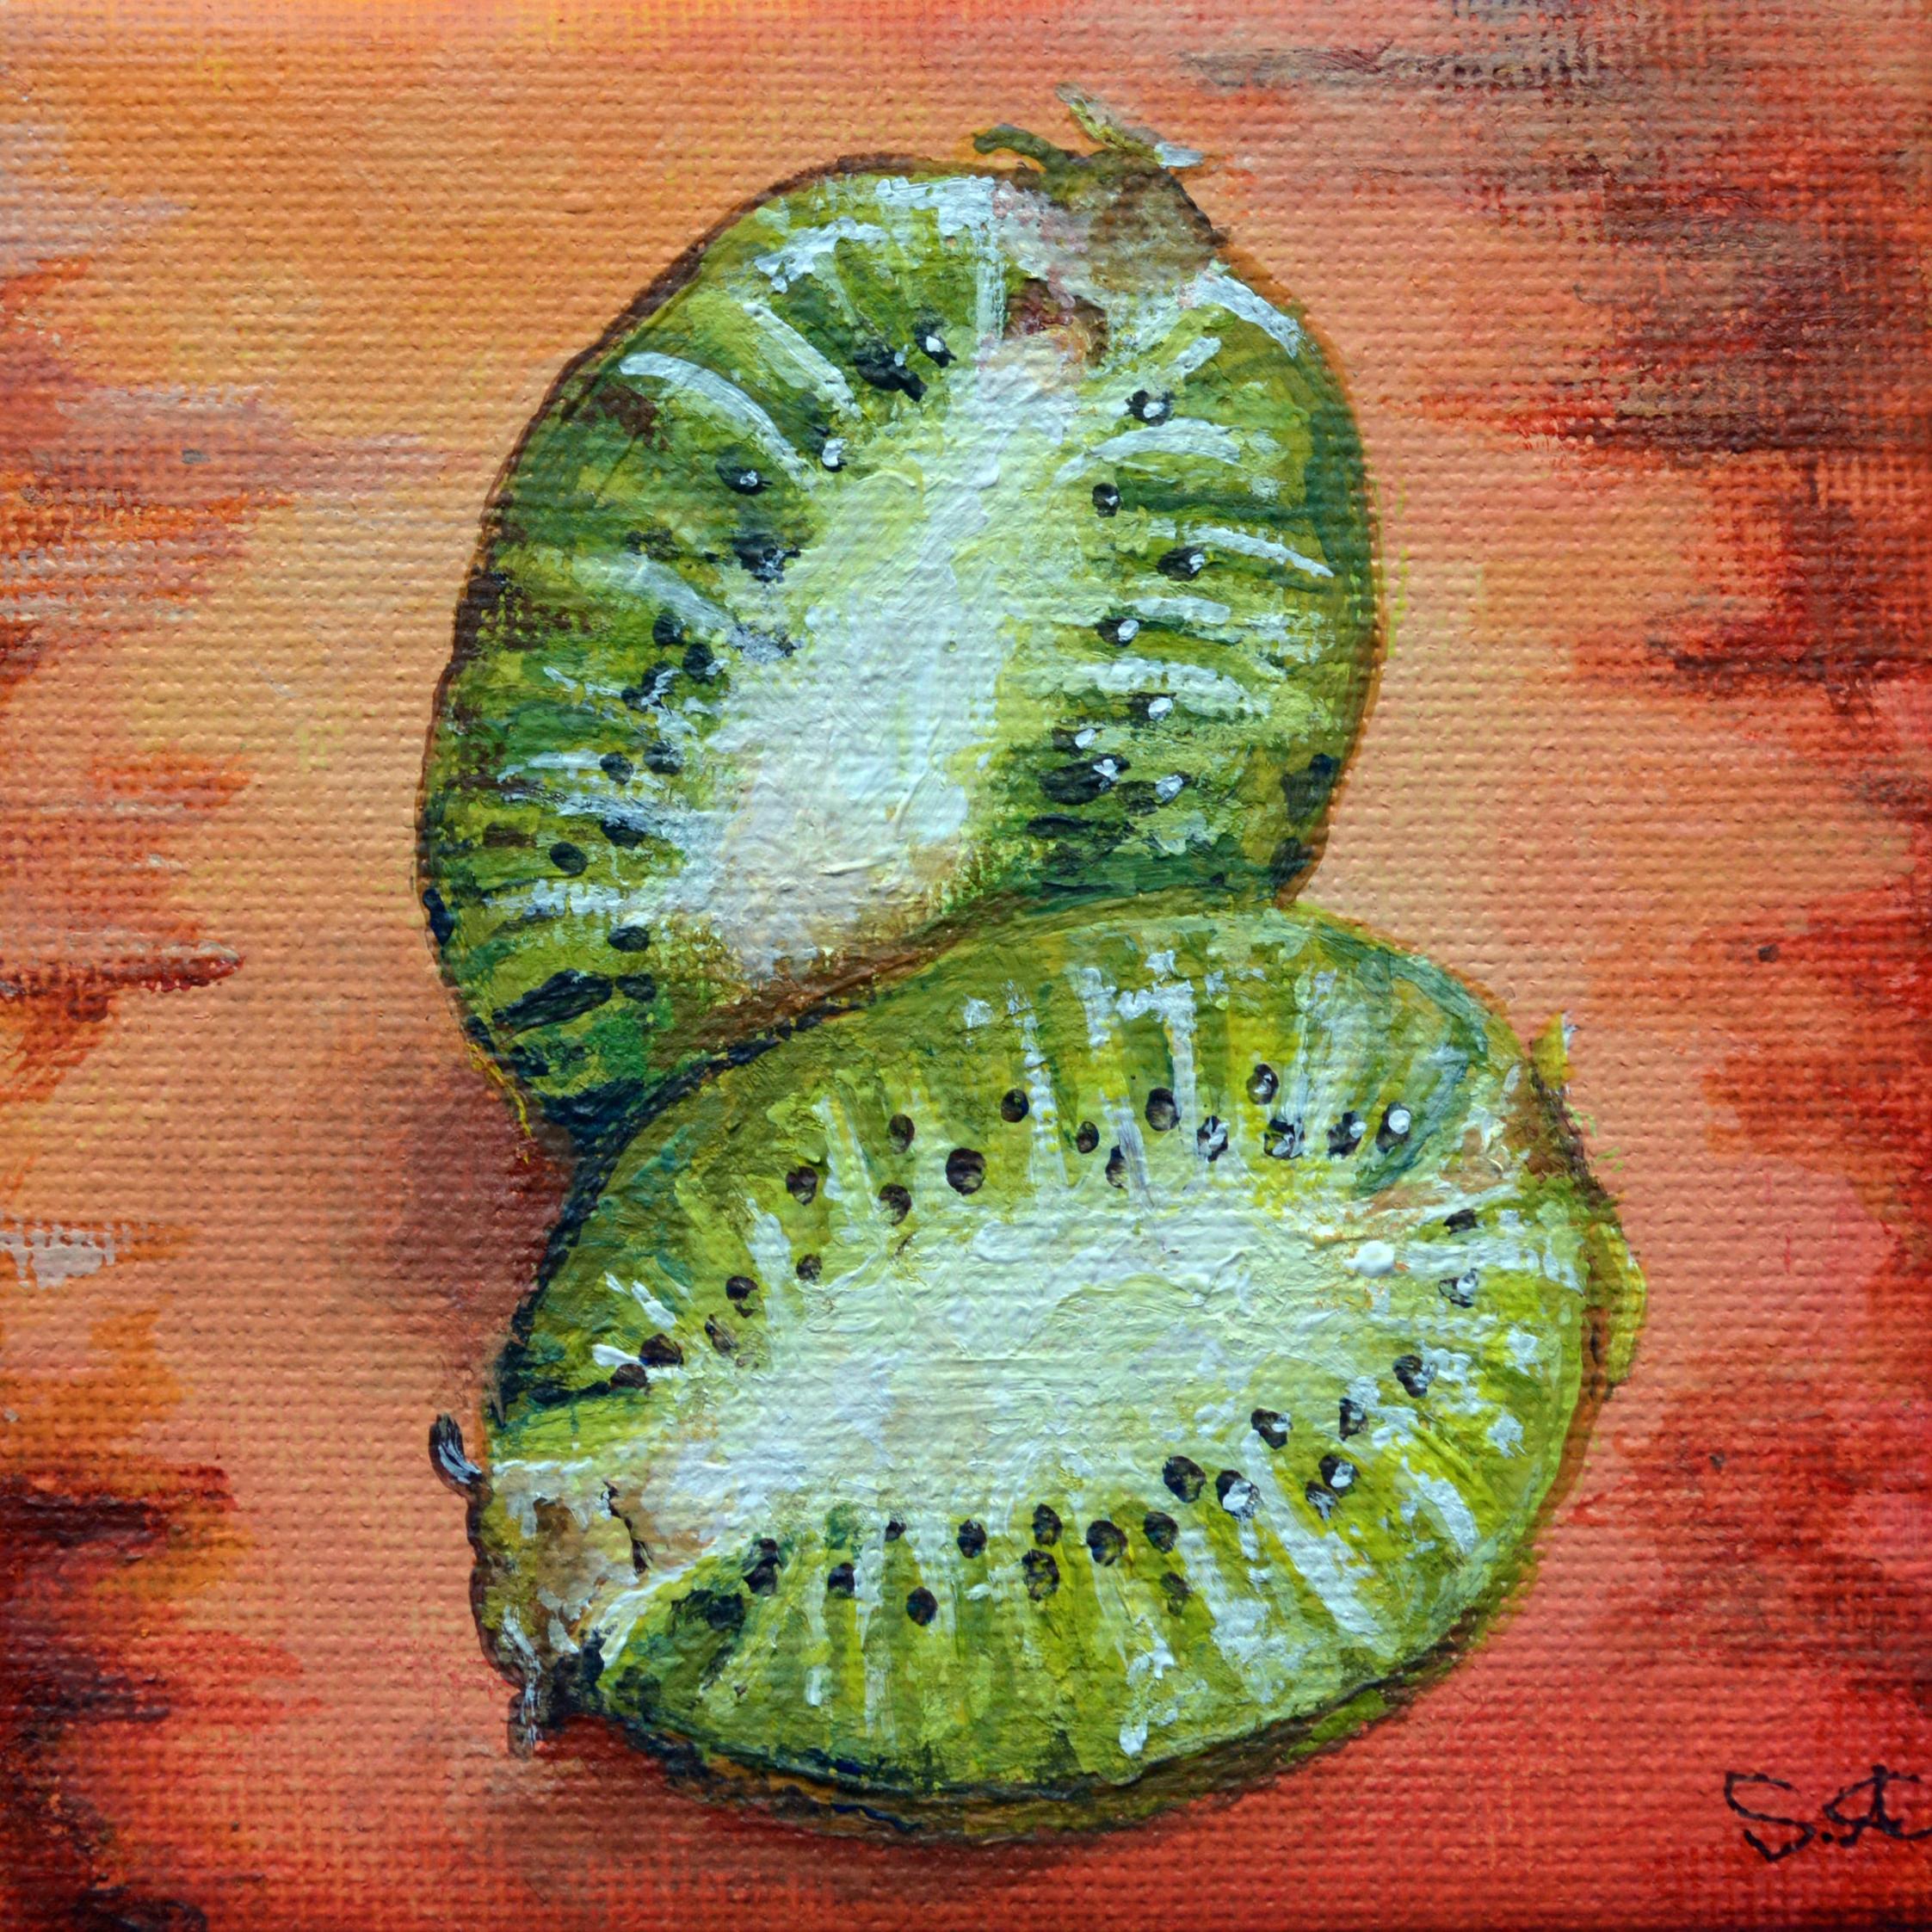 Summer Fruits: Kiwi